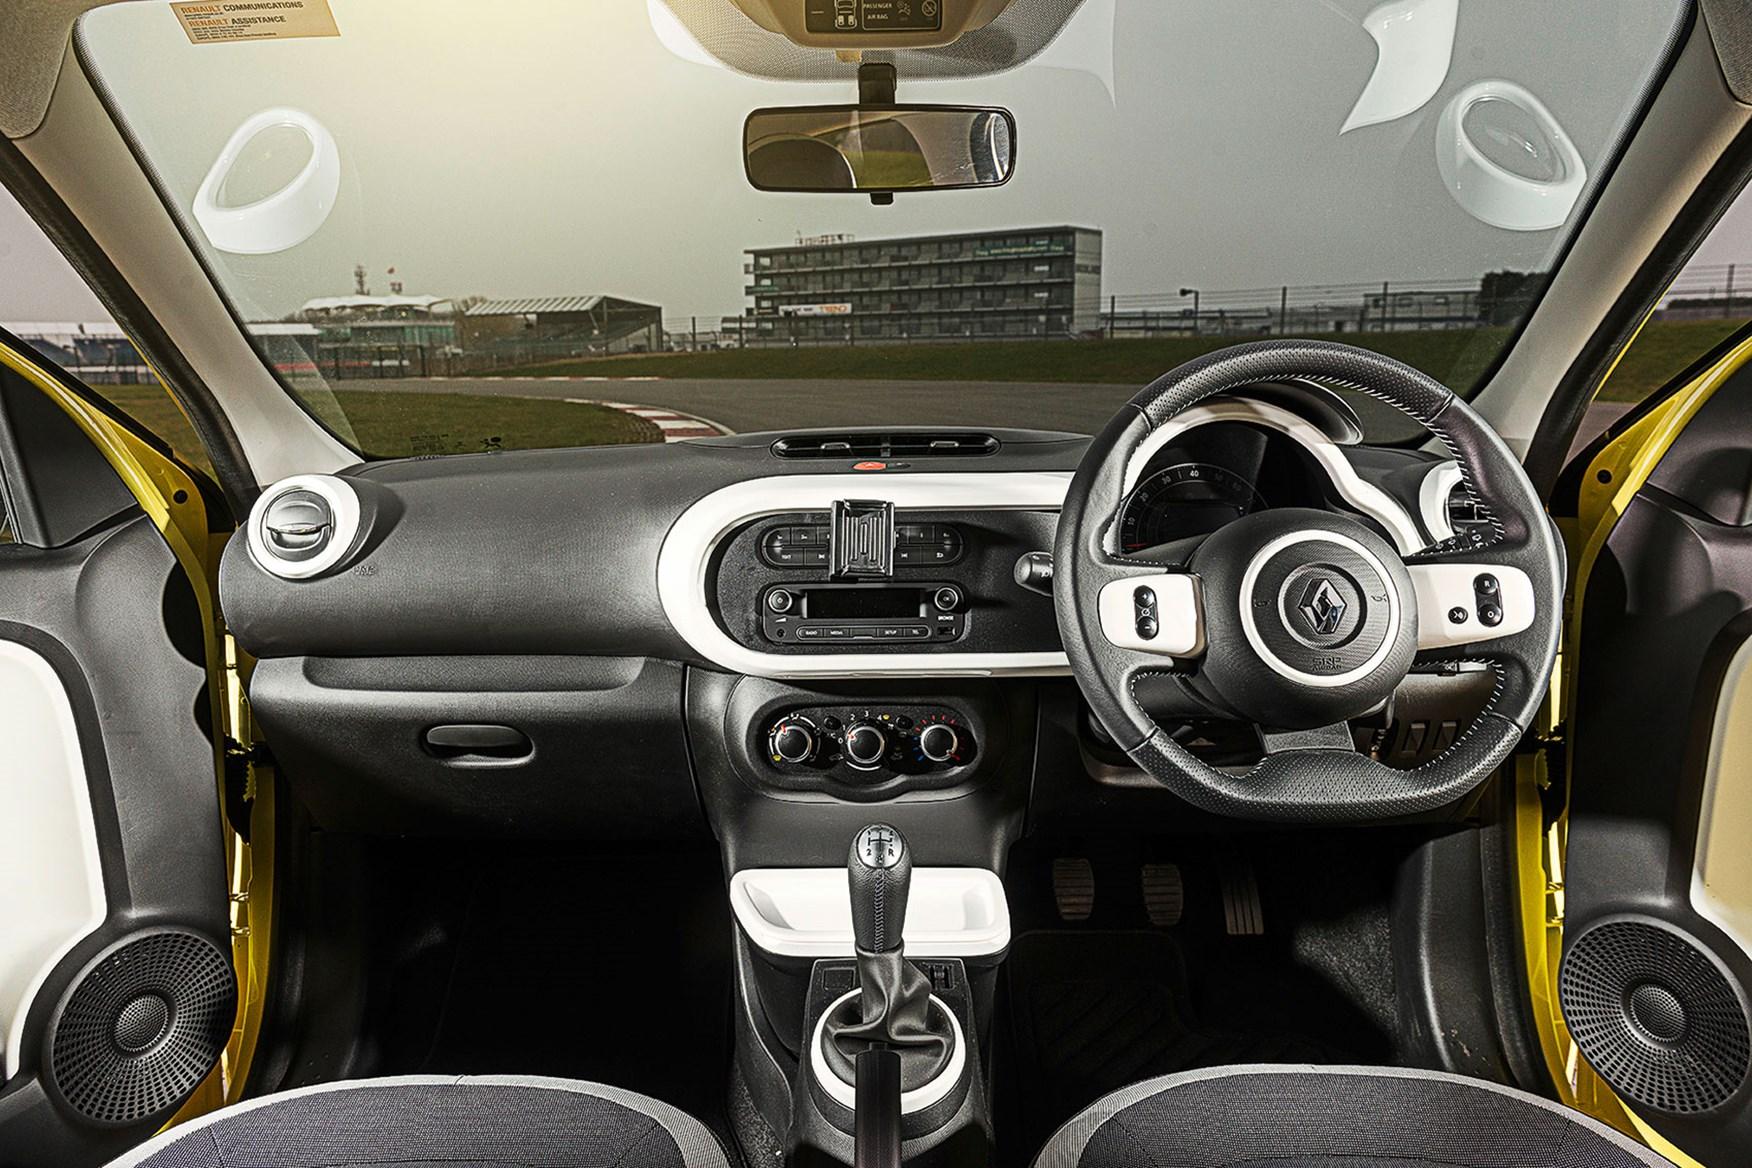 2015 Renault Twingo Interior - YouTube